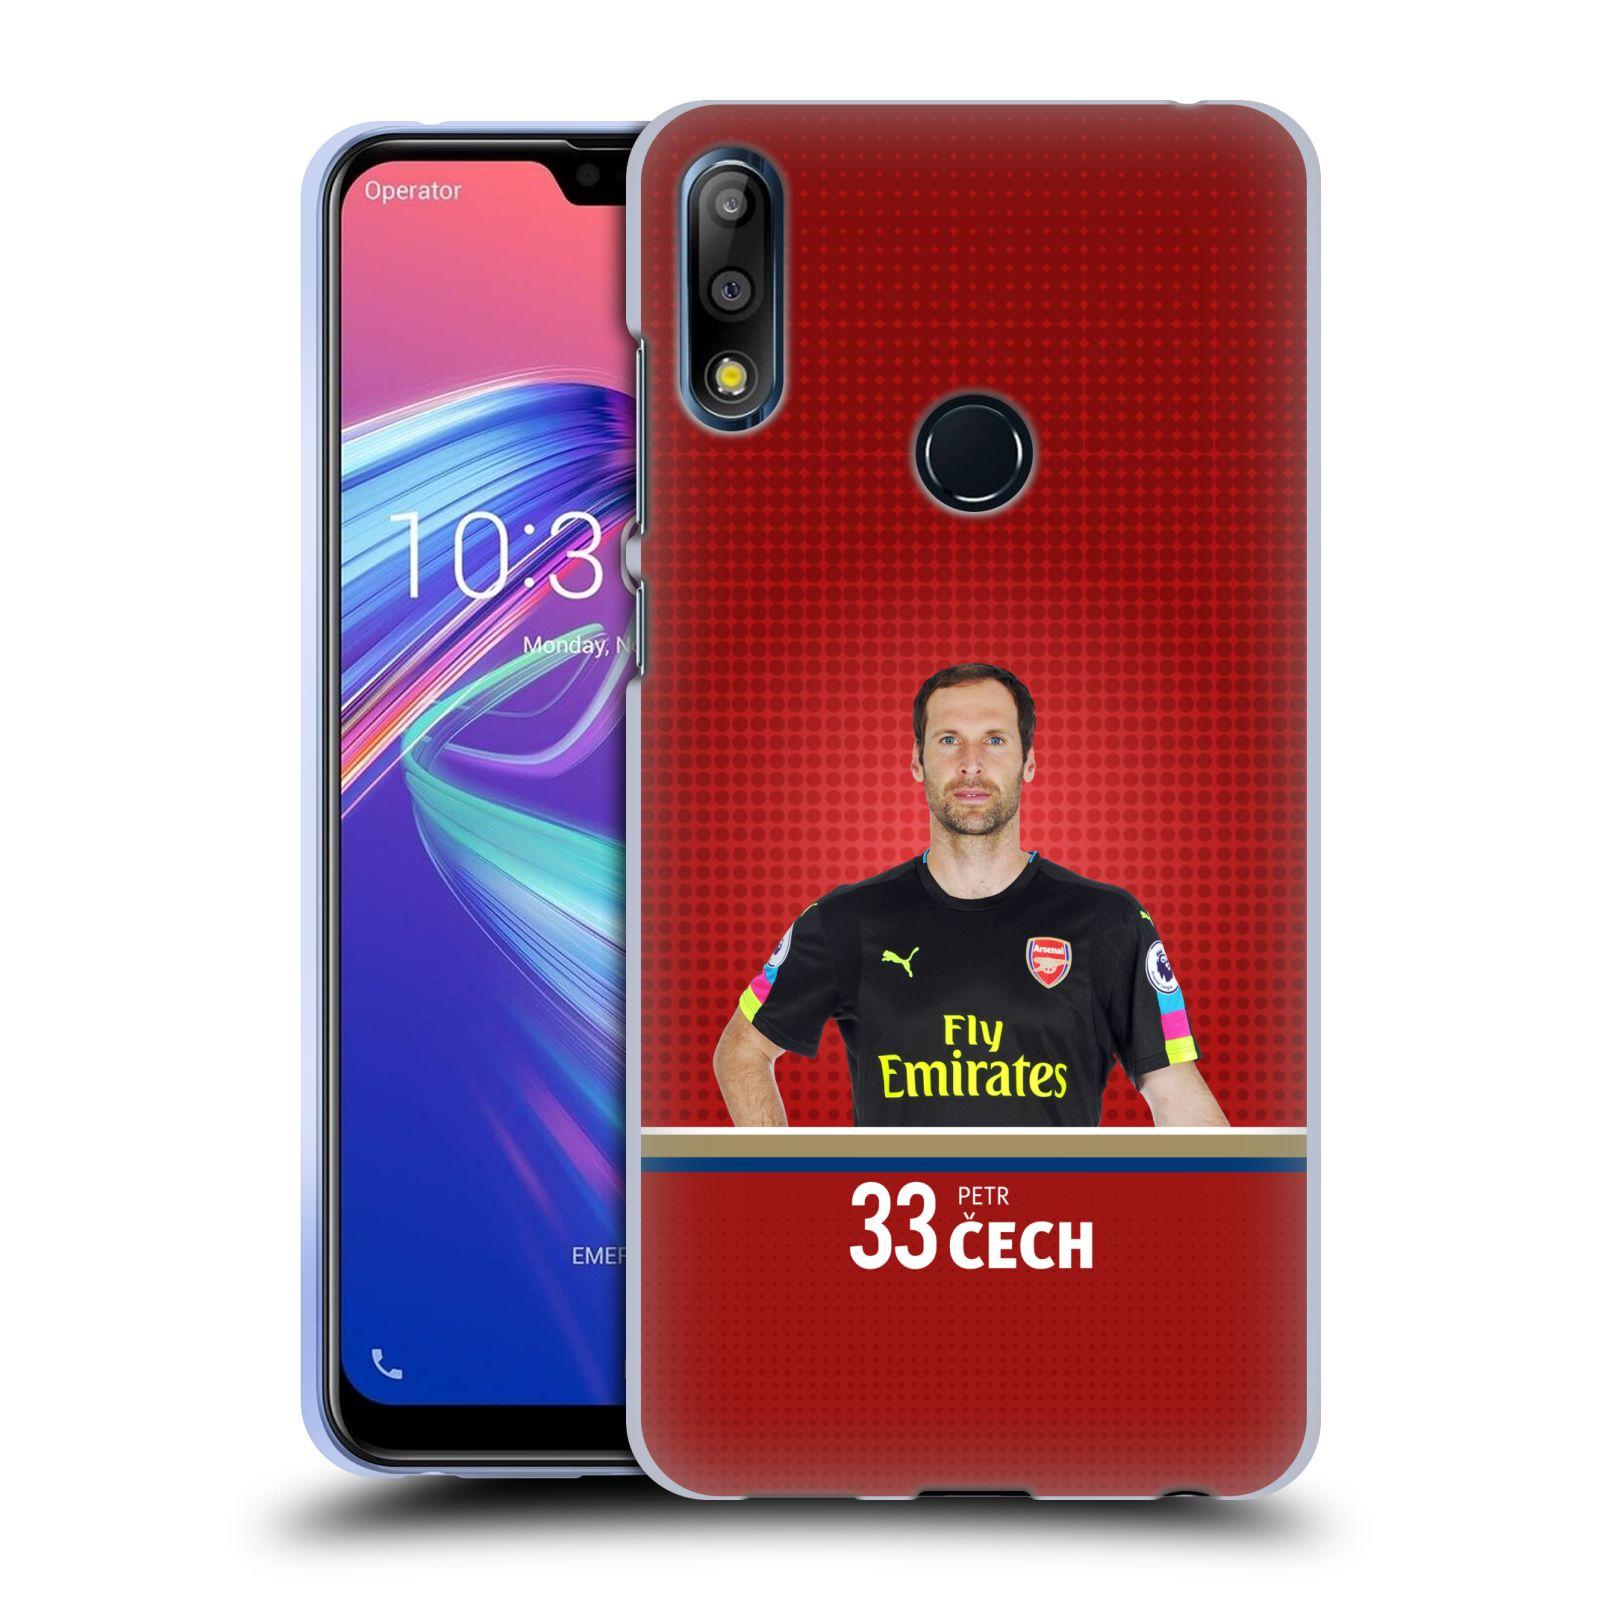 Silikonové pouzdro na mobil Asus Zenfone Max Pro M2 ZB631KL - Head Case - Arsenal FC - Petr Čech